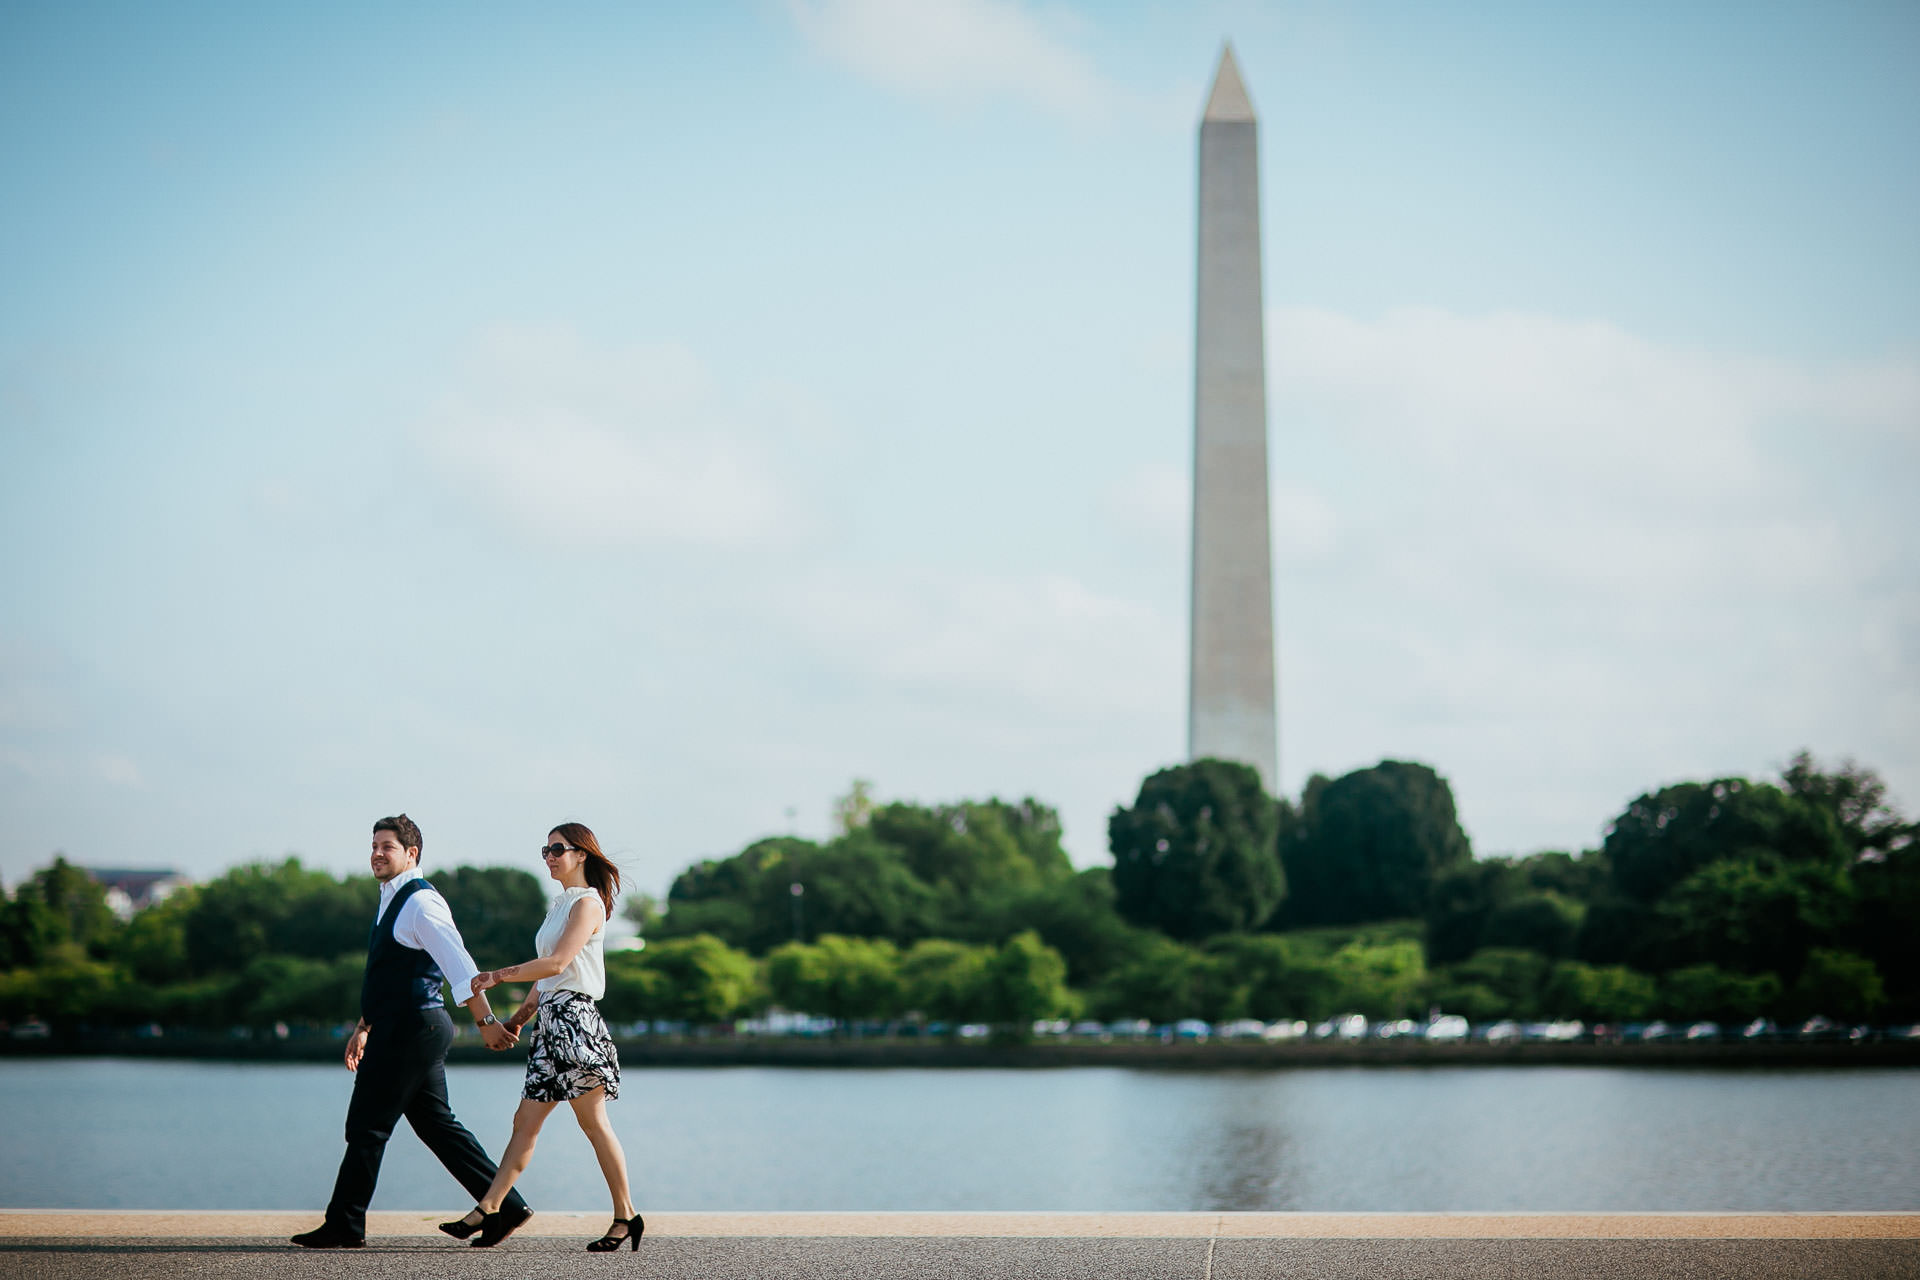 Preboda en Washington DC, fotoperiodismo de bodas, Norman Parunov